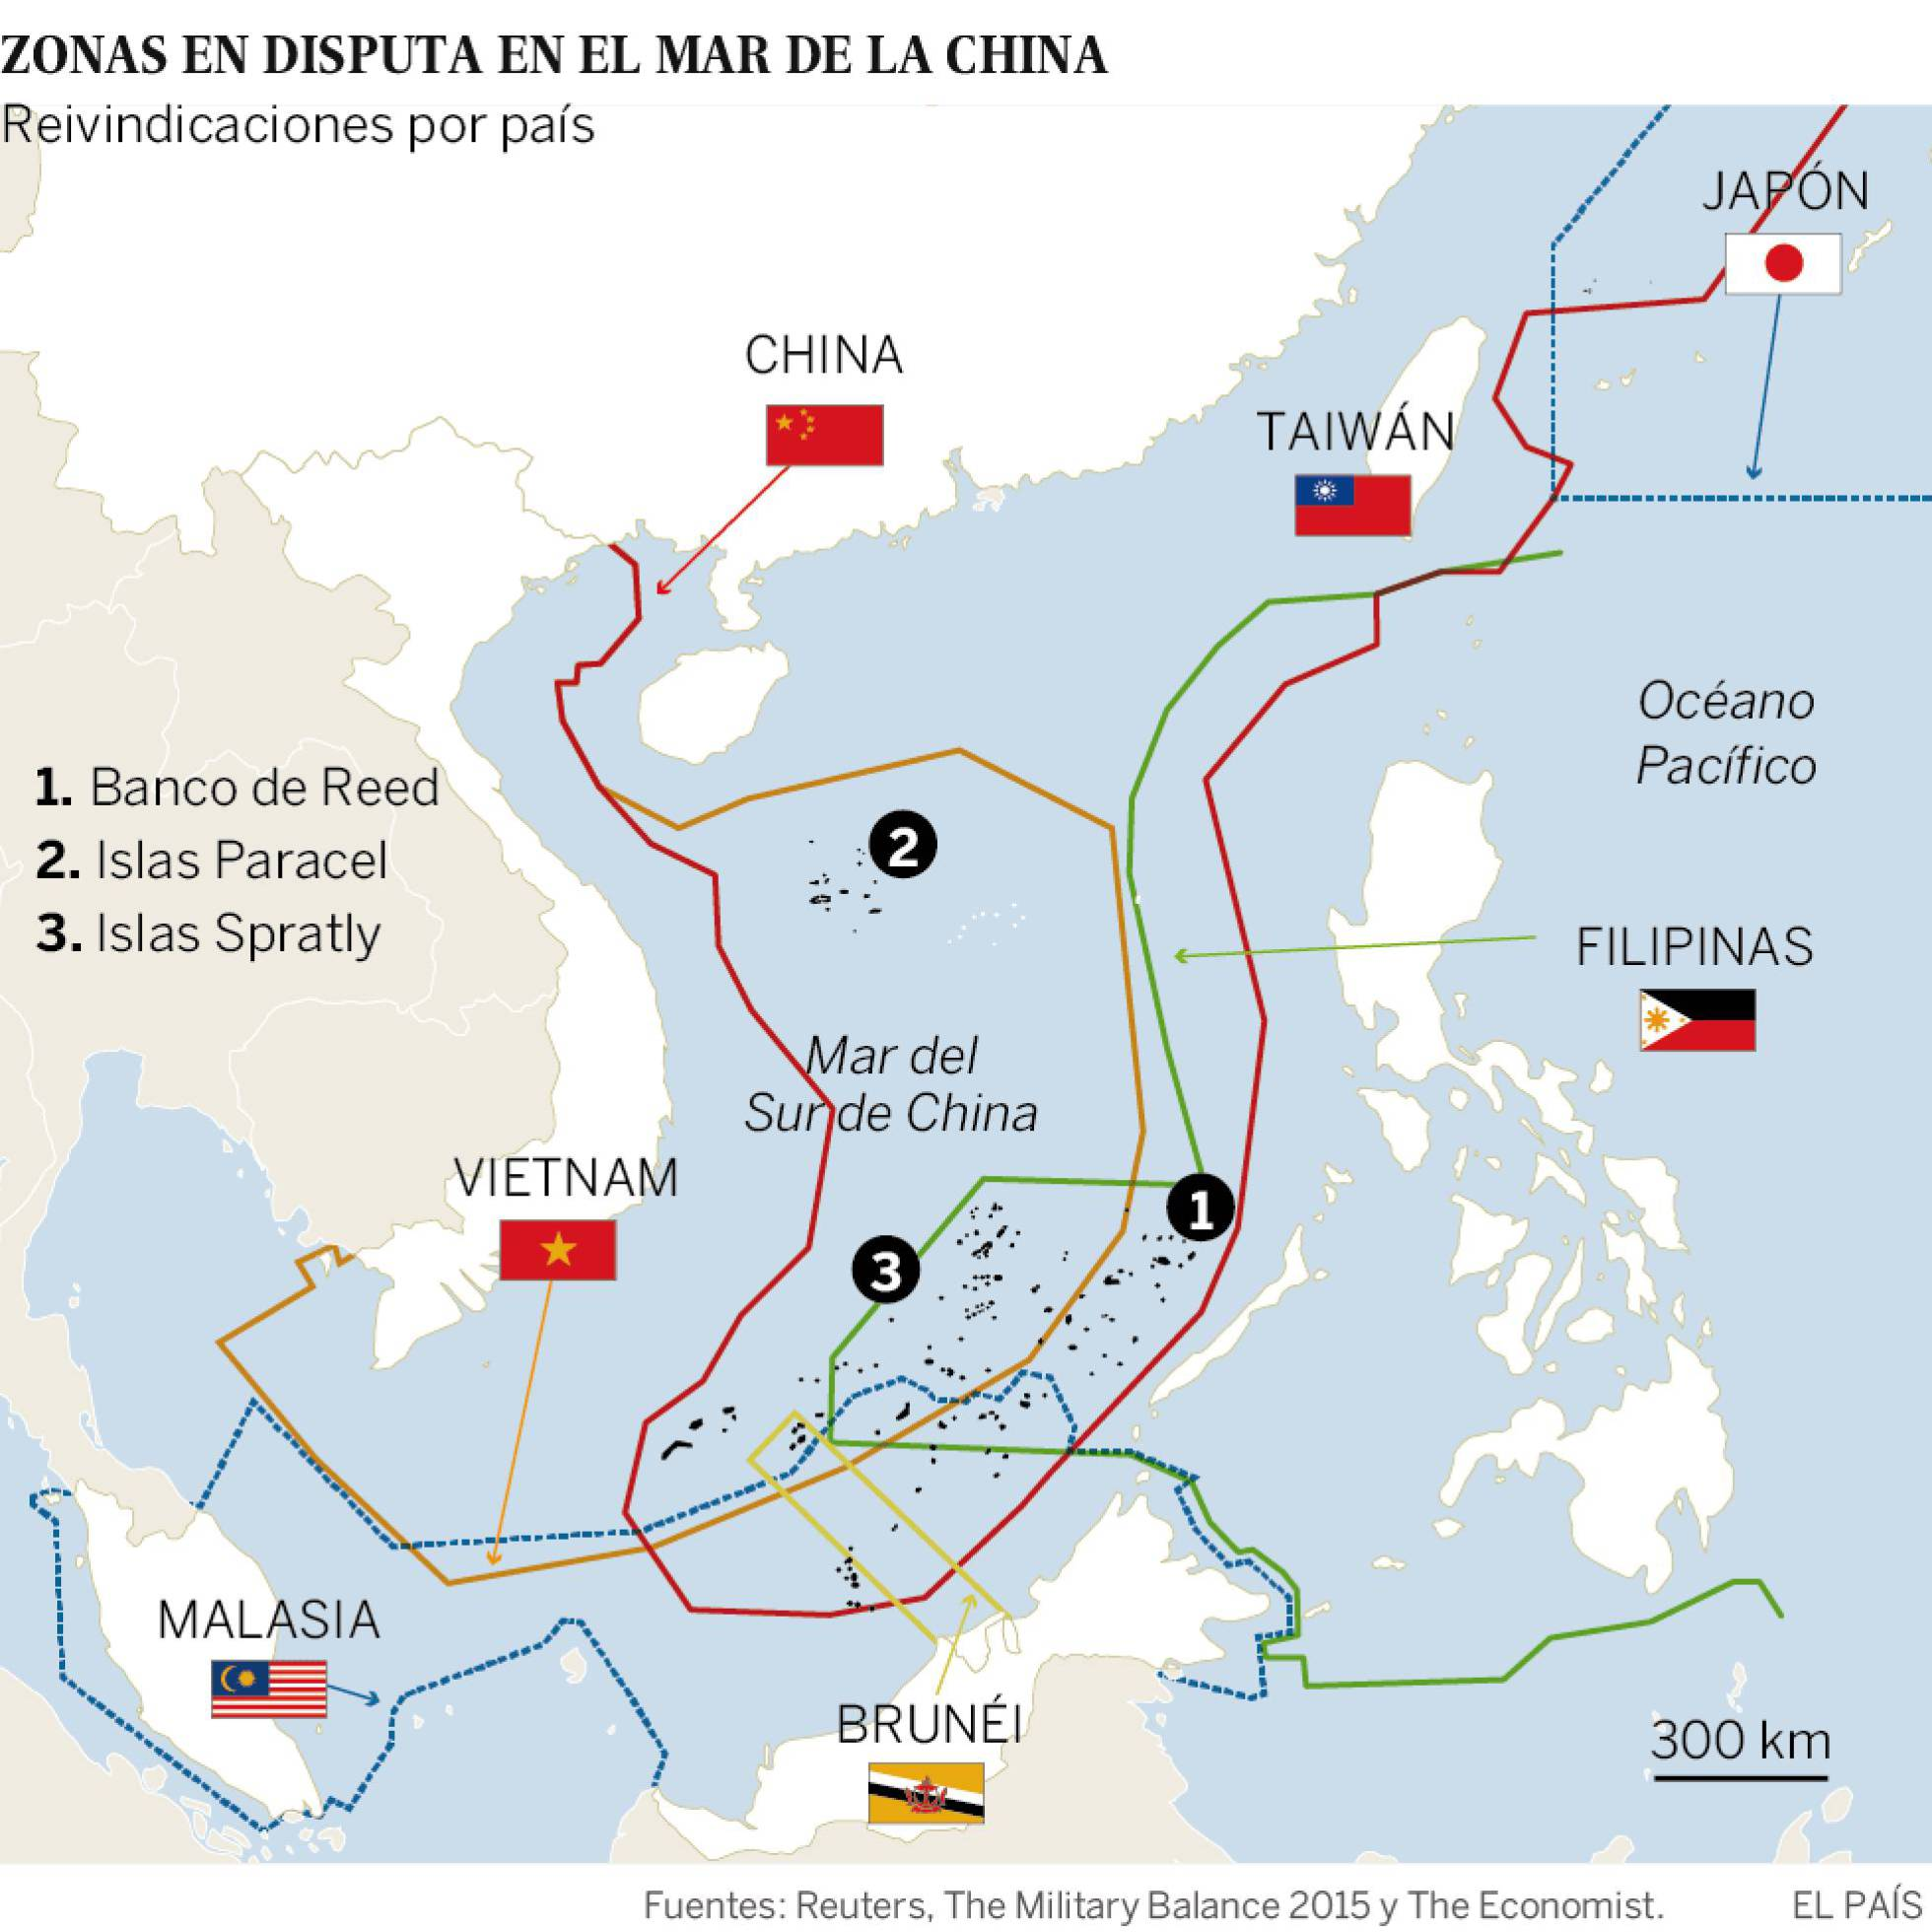 Pongan atencion ONU,Ginebra y Organismos Intl´s: China expide Tribunal Mundial Maritimo  para recibir demandas, quejas, y reclamos!!!! - Página 2 1468404879_307910_1468406738_sumario_normal_recorte1